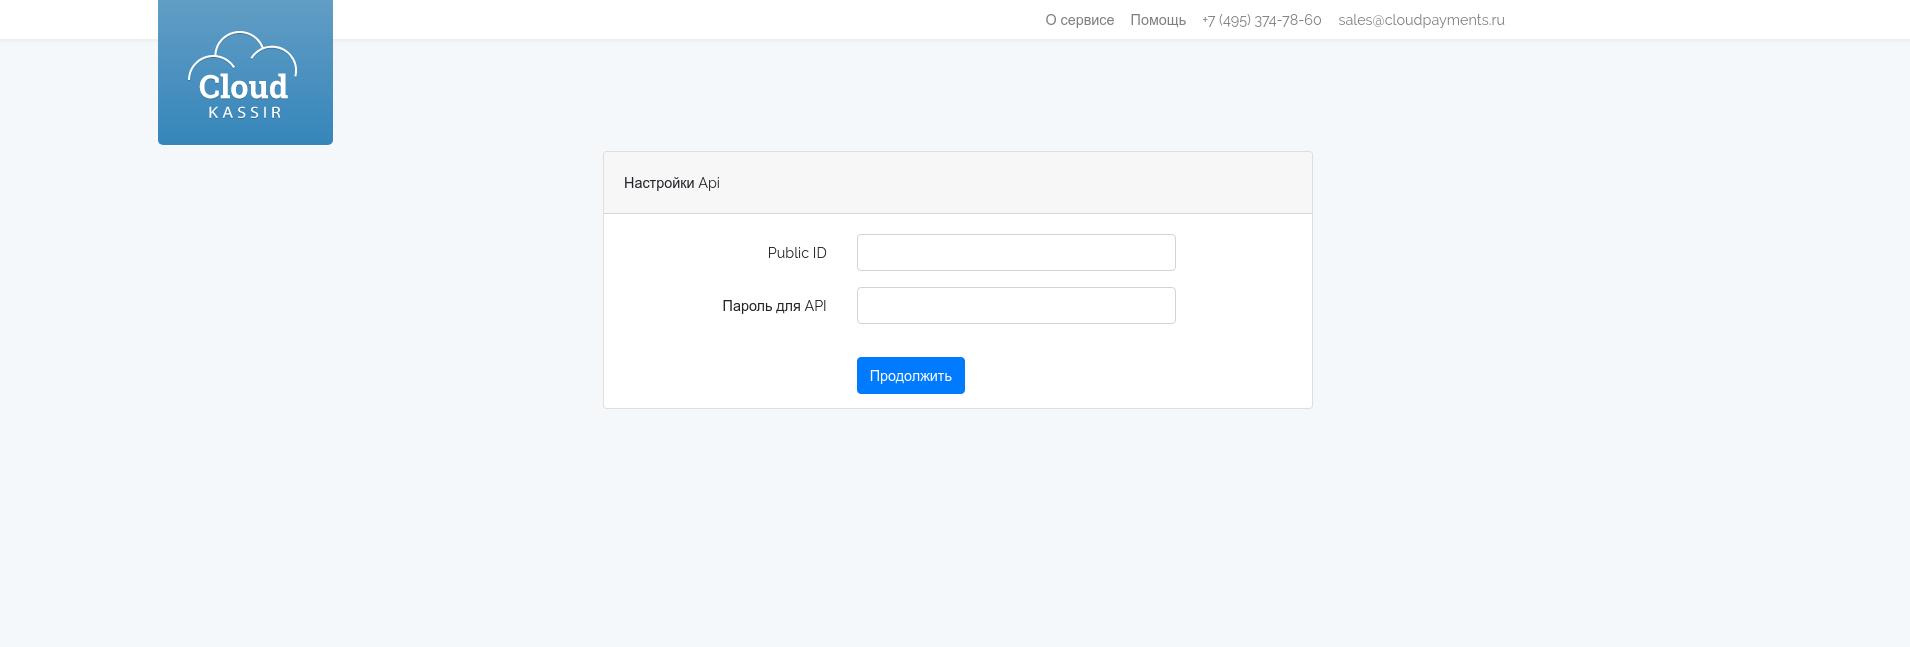 Раздел с установленными приложениями Пользователя InSales